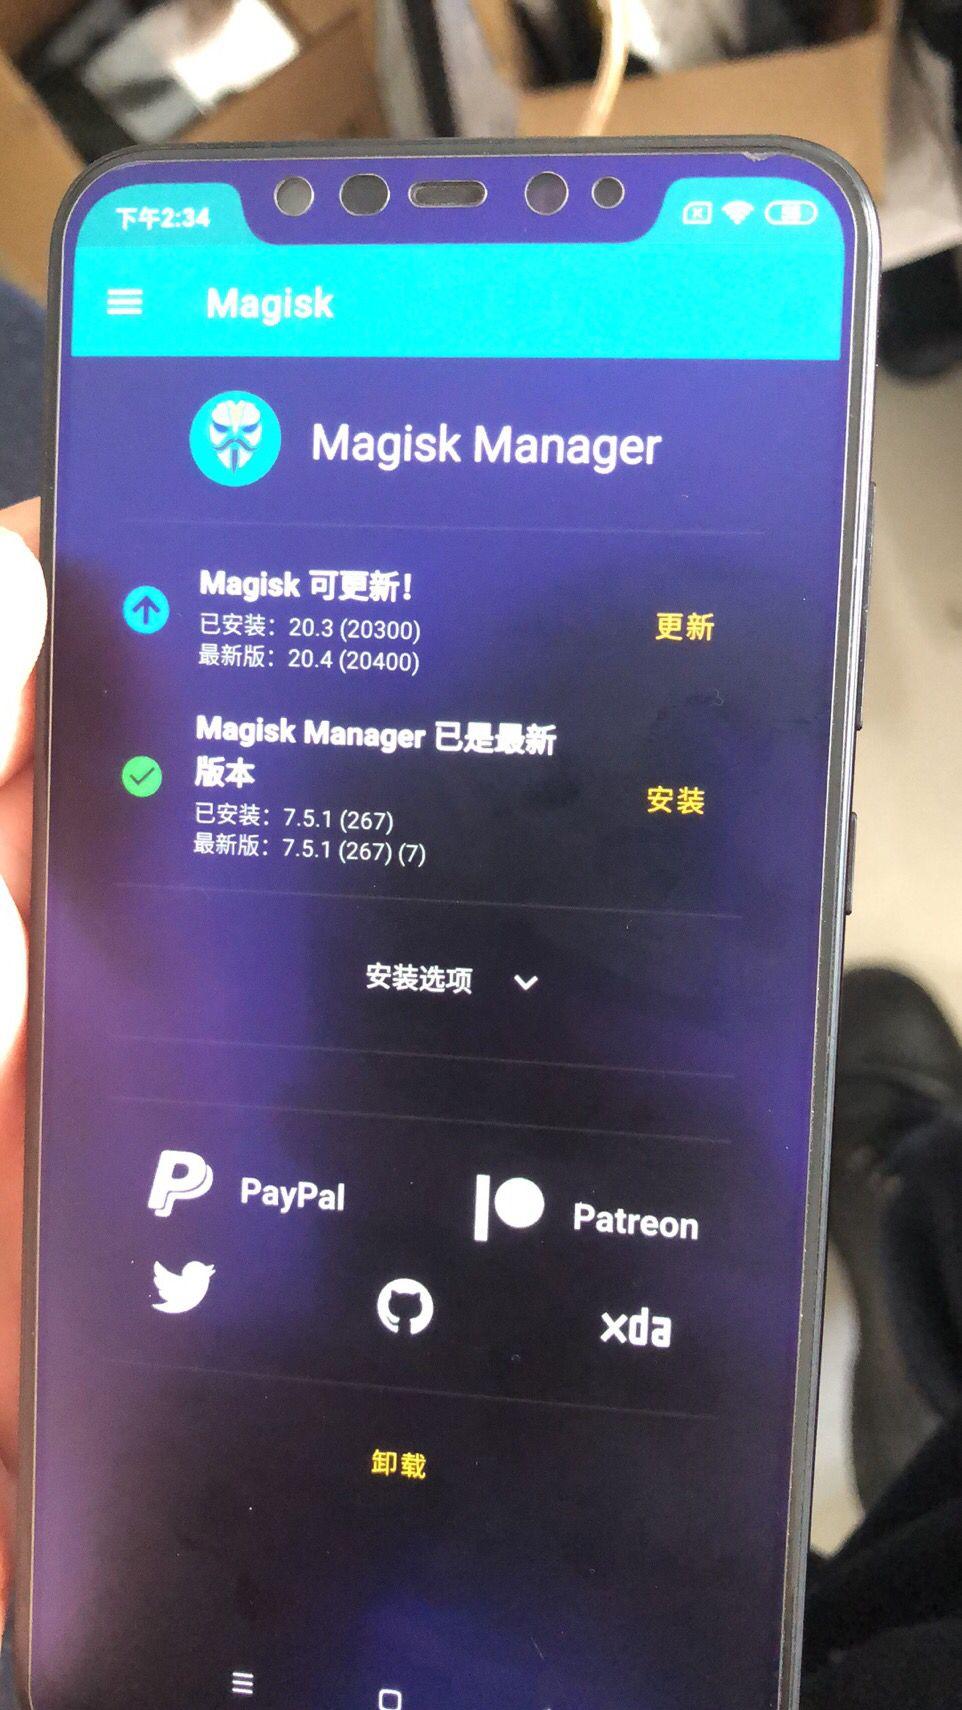 已root的小米6 成品手机 小米6 已经 root 和框架的magisk 高科技神器 小米6 成品手机